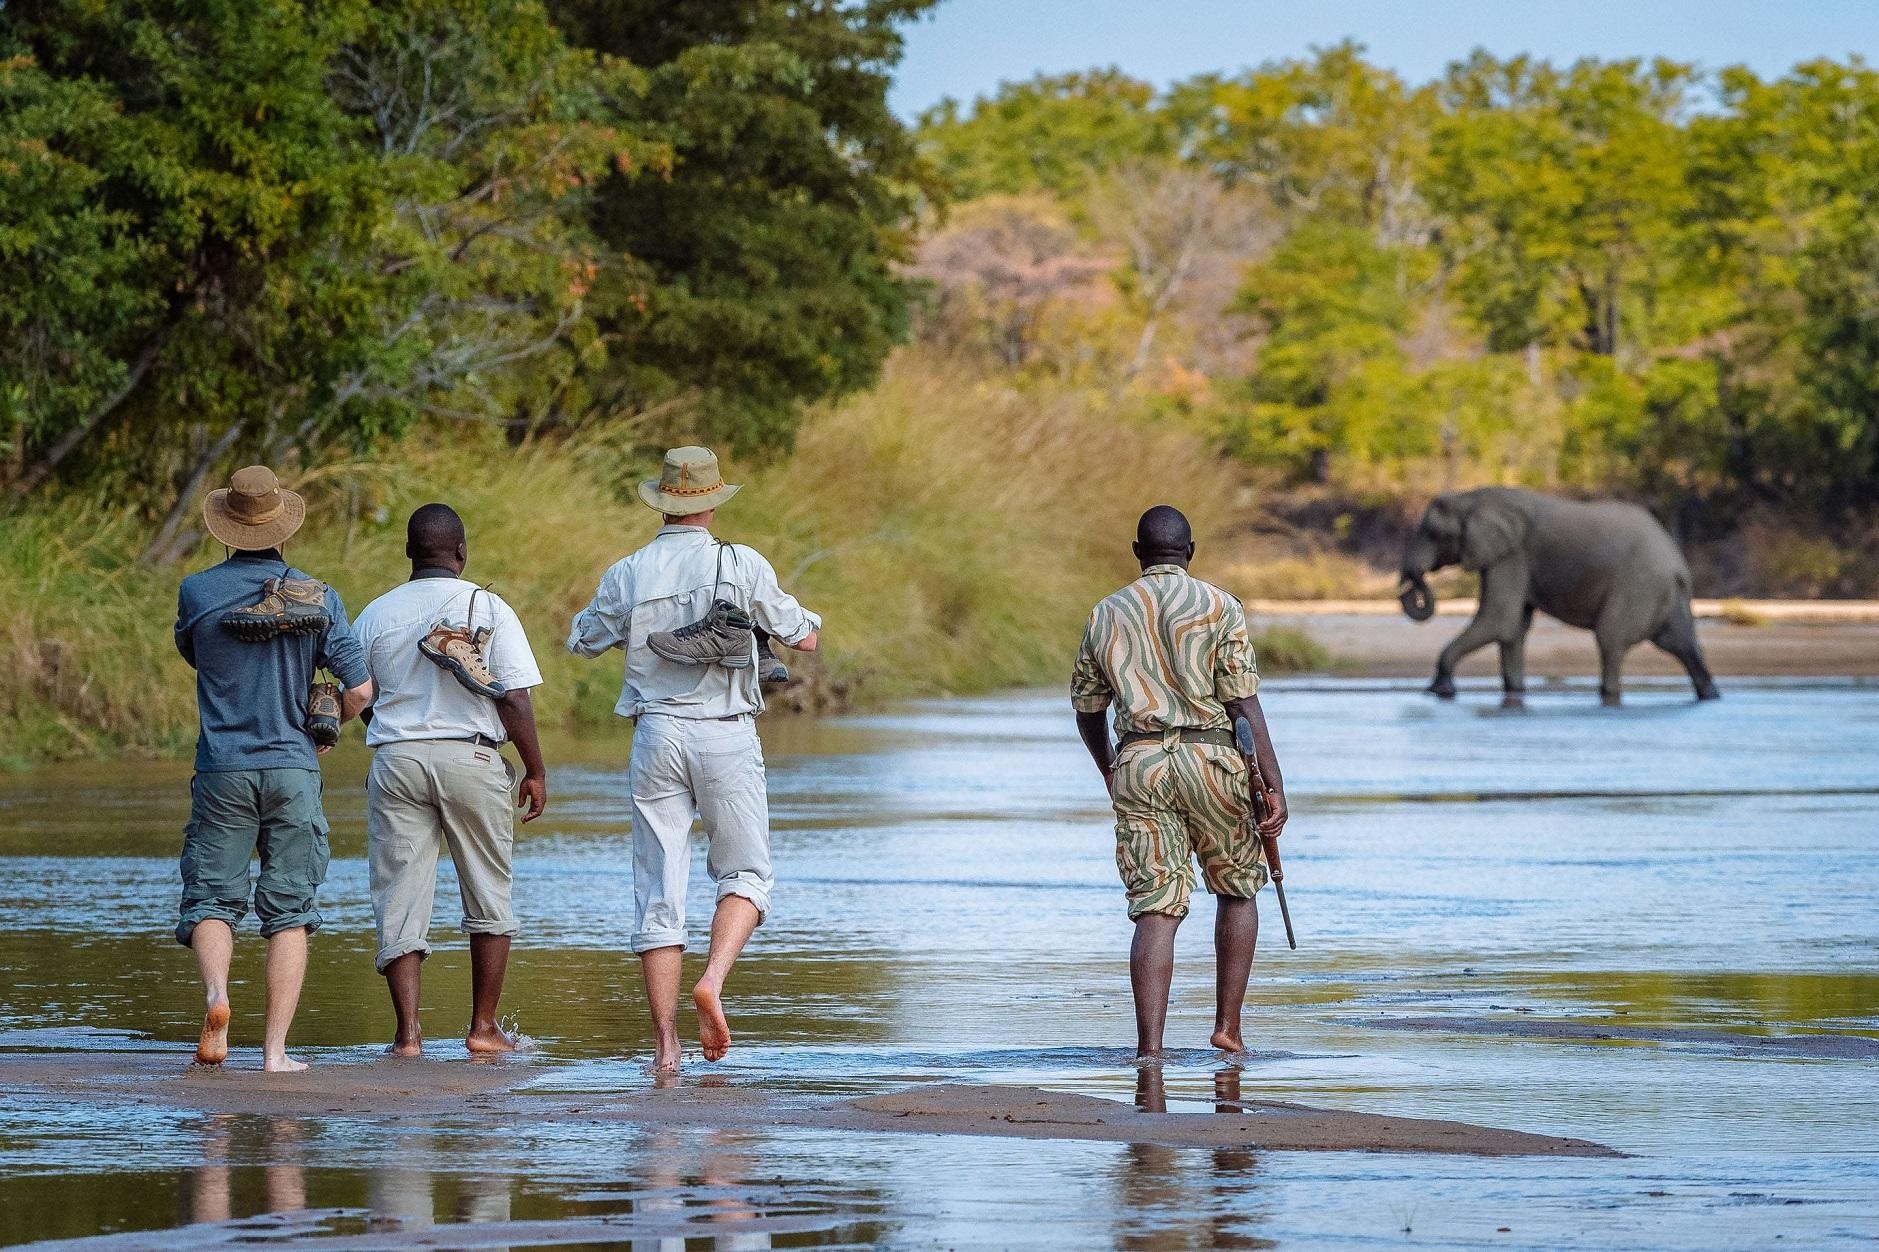 viaggio nello zambia